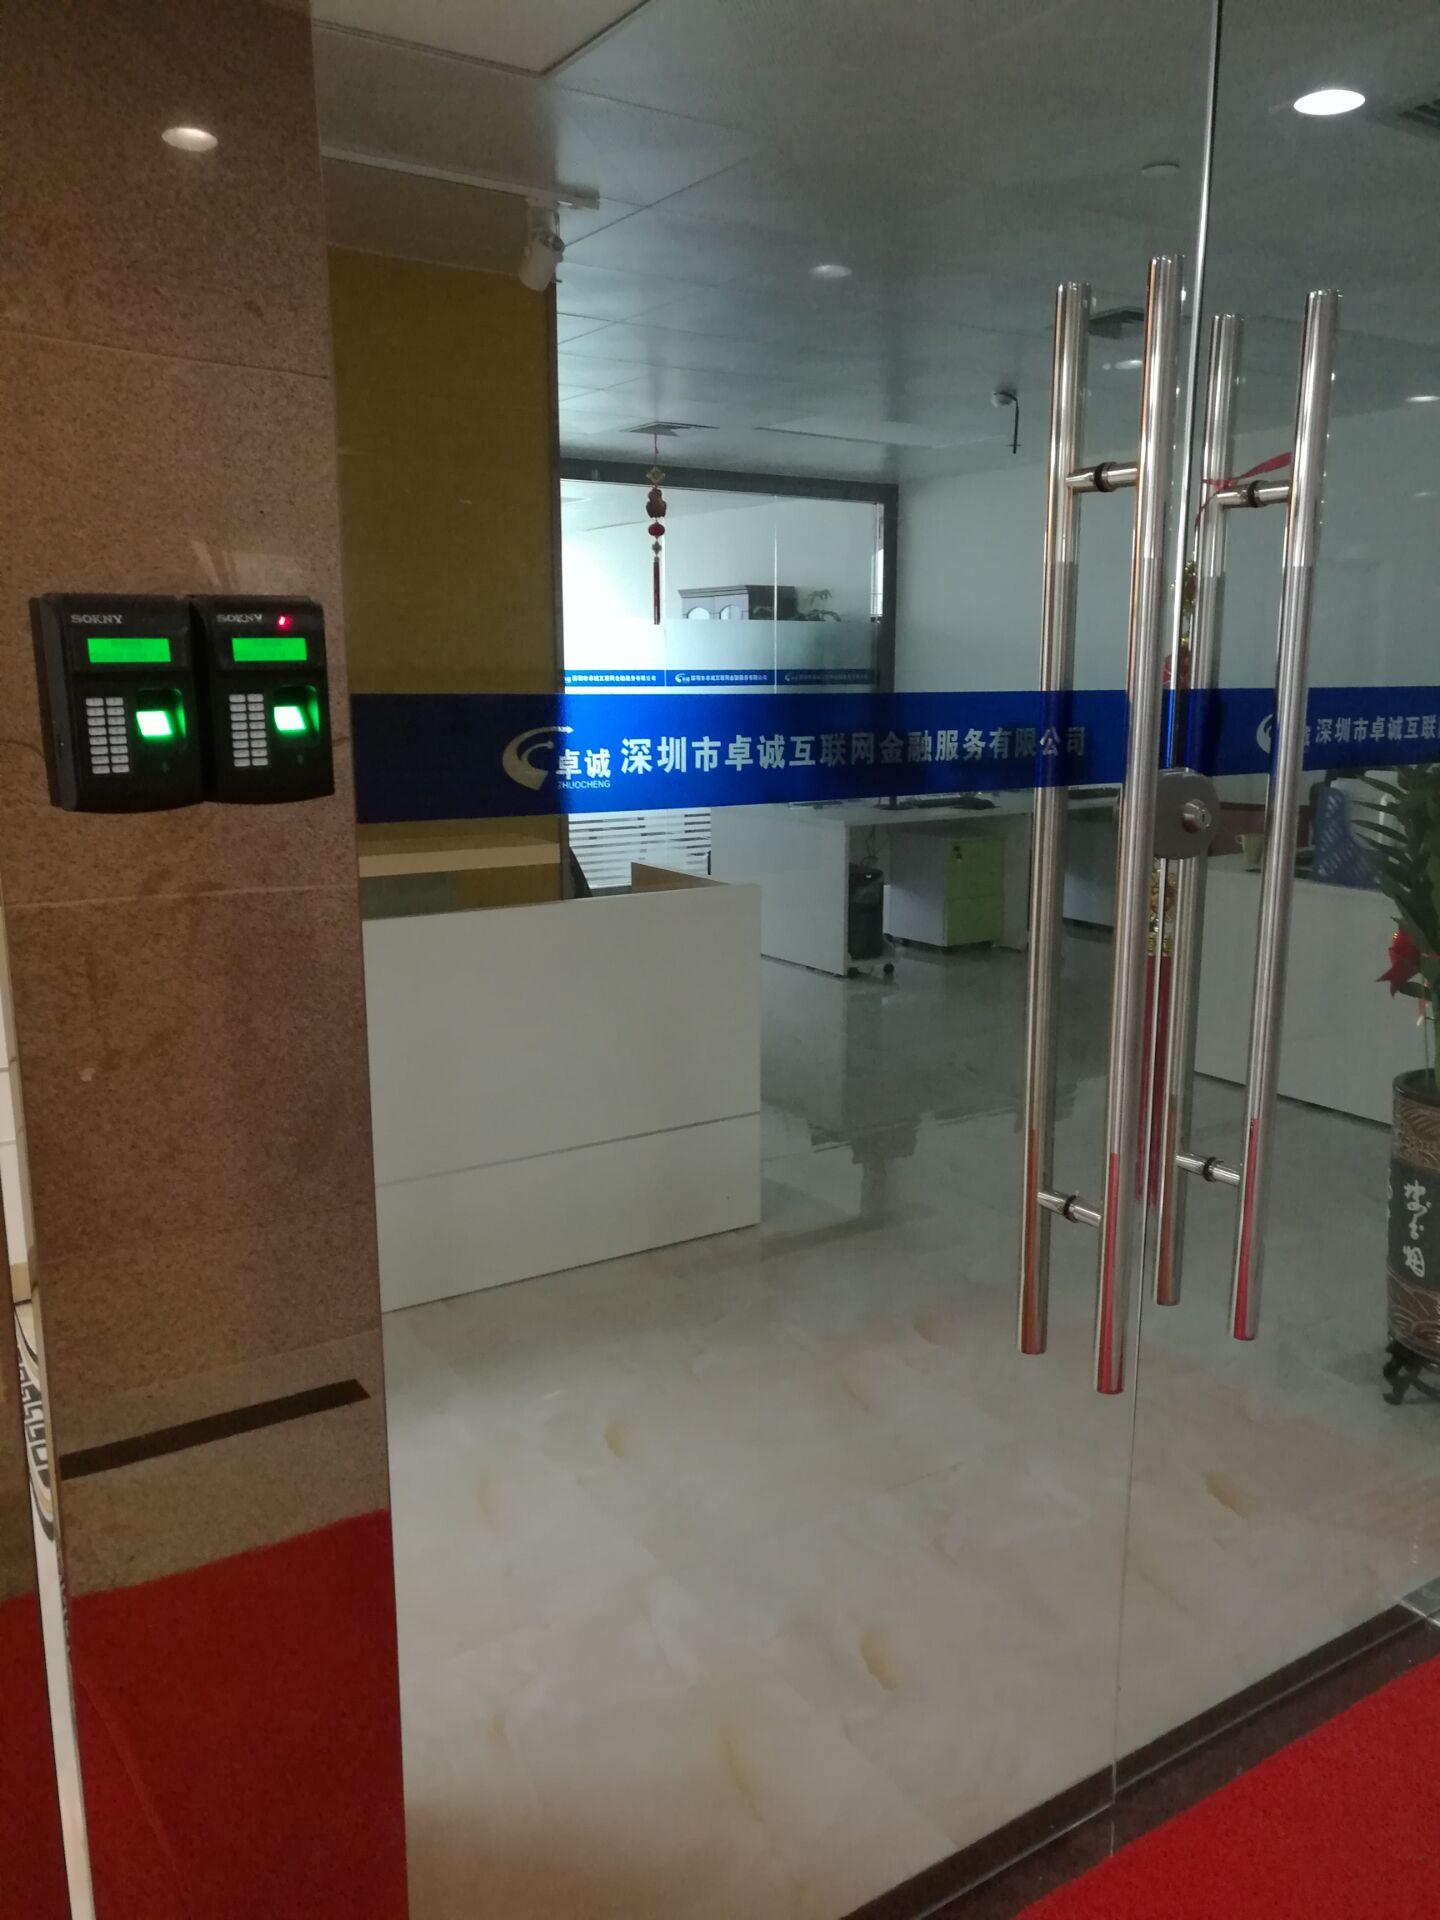 深圳市卓成互联网络金融有限公司指纹门禁考勤系统两套安装